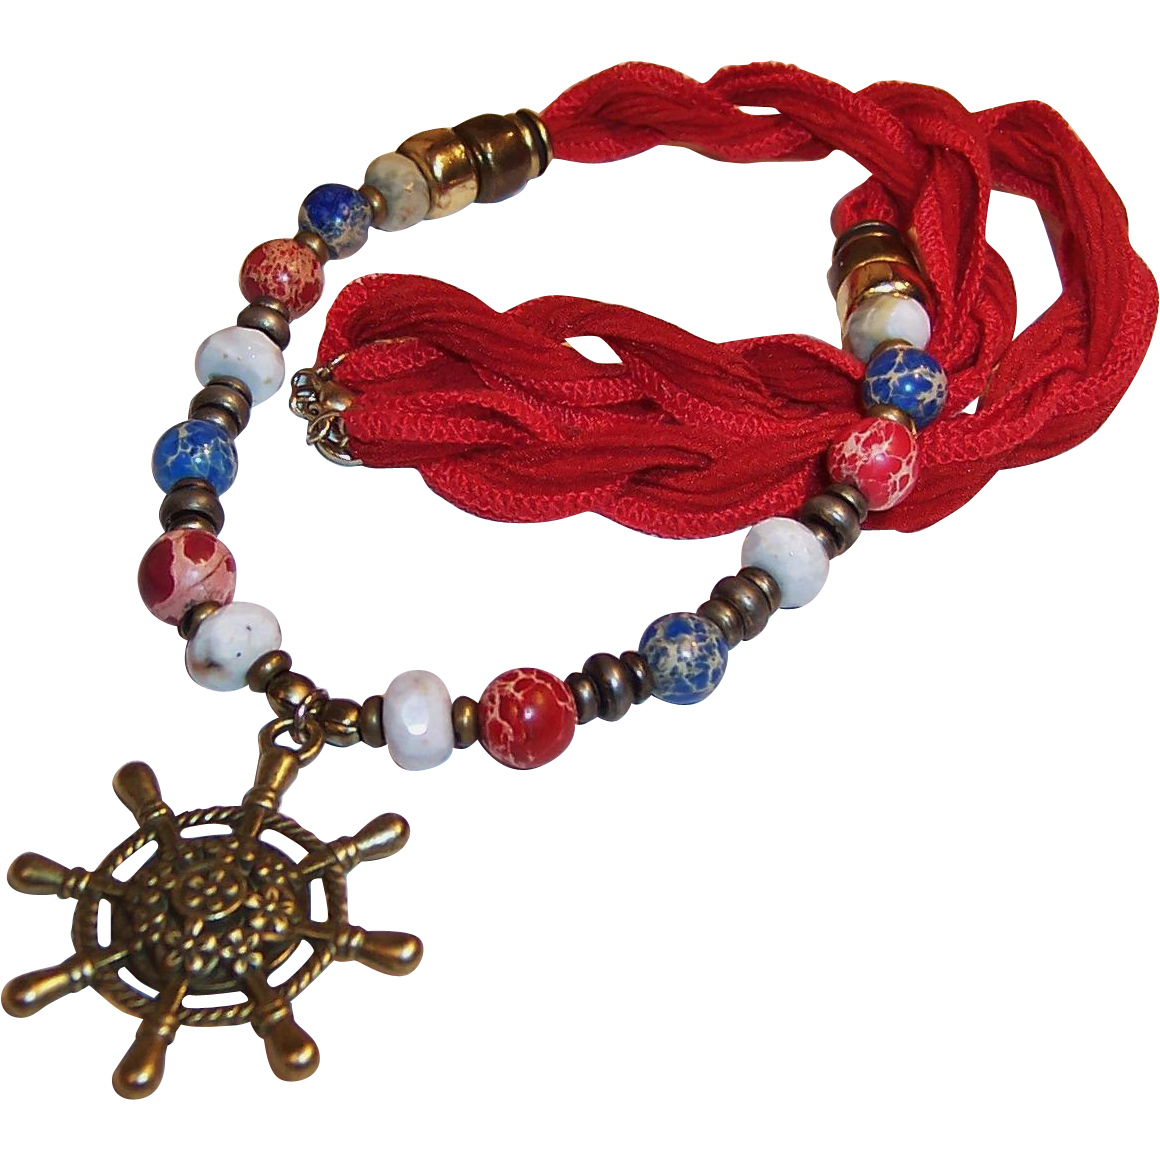 Gemstone & Ships Wheel Nautical Necklace